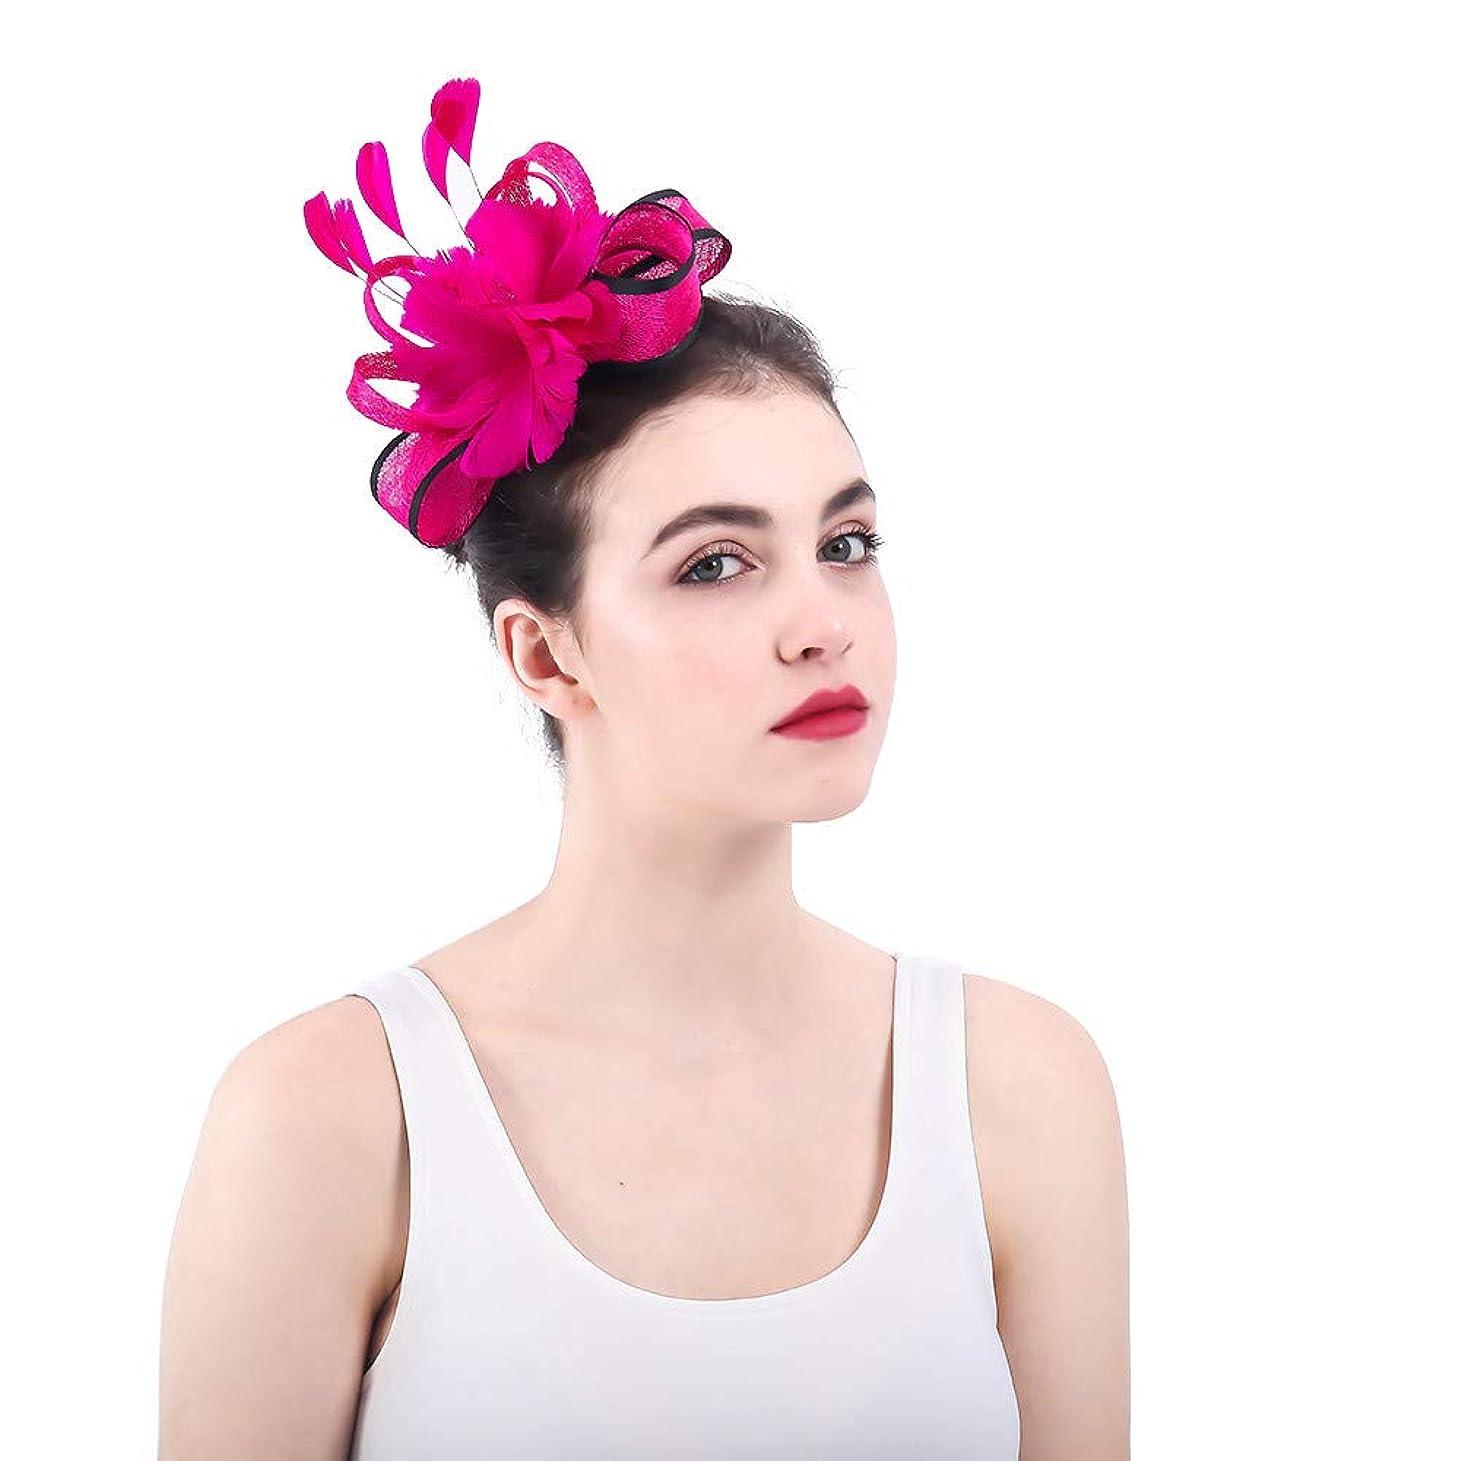 距離トランスペアレント耐えられる女性の魅力的な帽子 女性のバラ赤魅惑的な帽子ブライダル羽ヘアクリップアクセサリーカクテルレースロイヤルアスコットピルボックス帽子